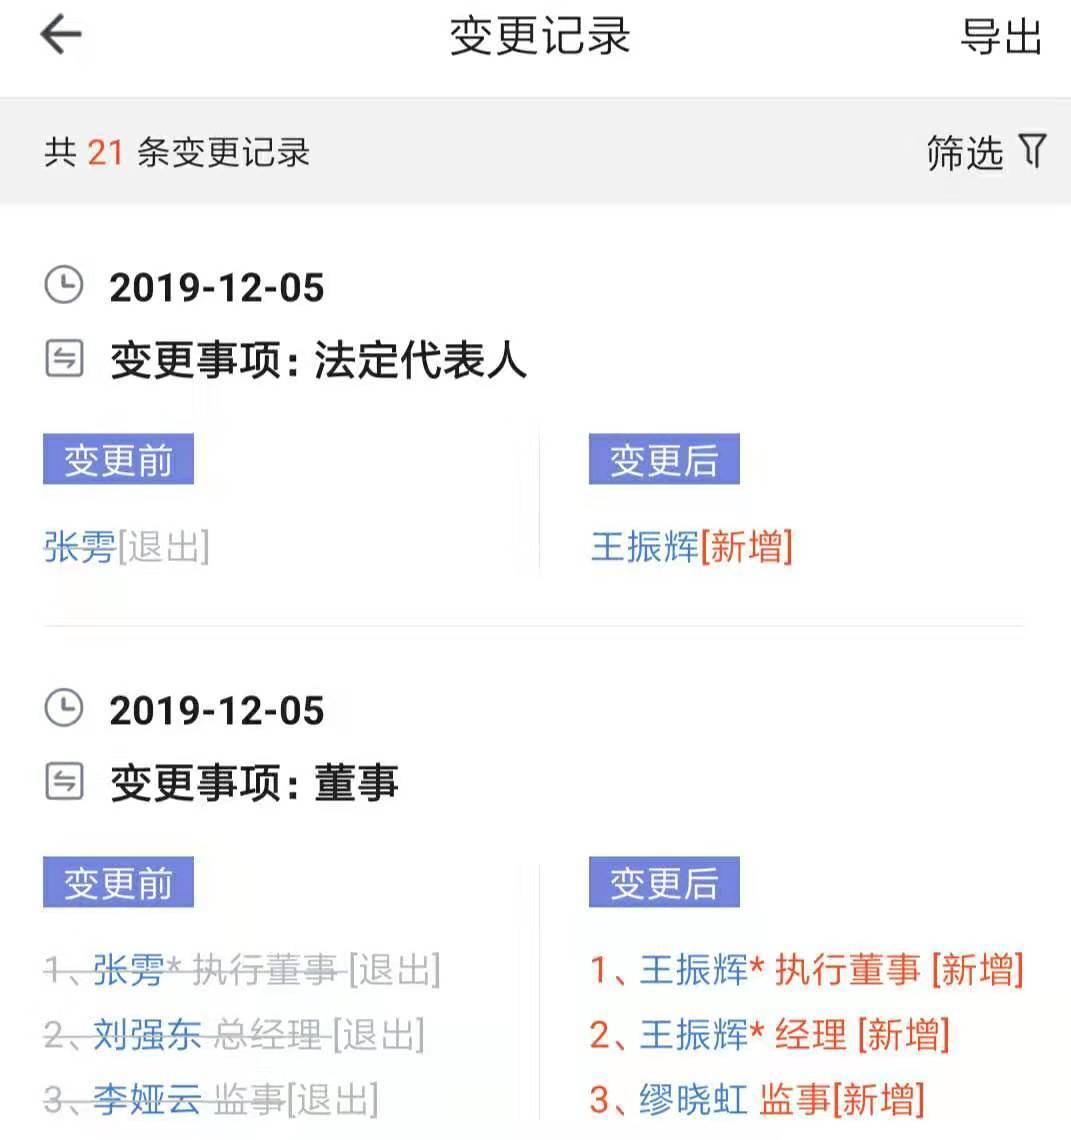 劉強東卸任京東物流總經理一職,王振輝接任